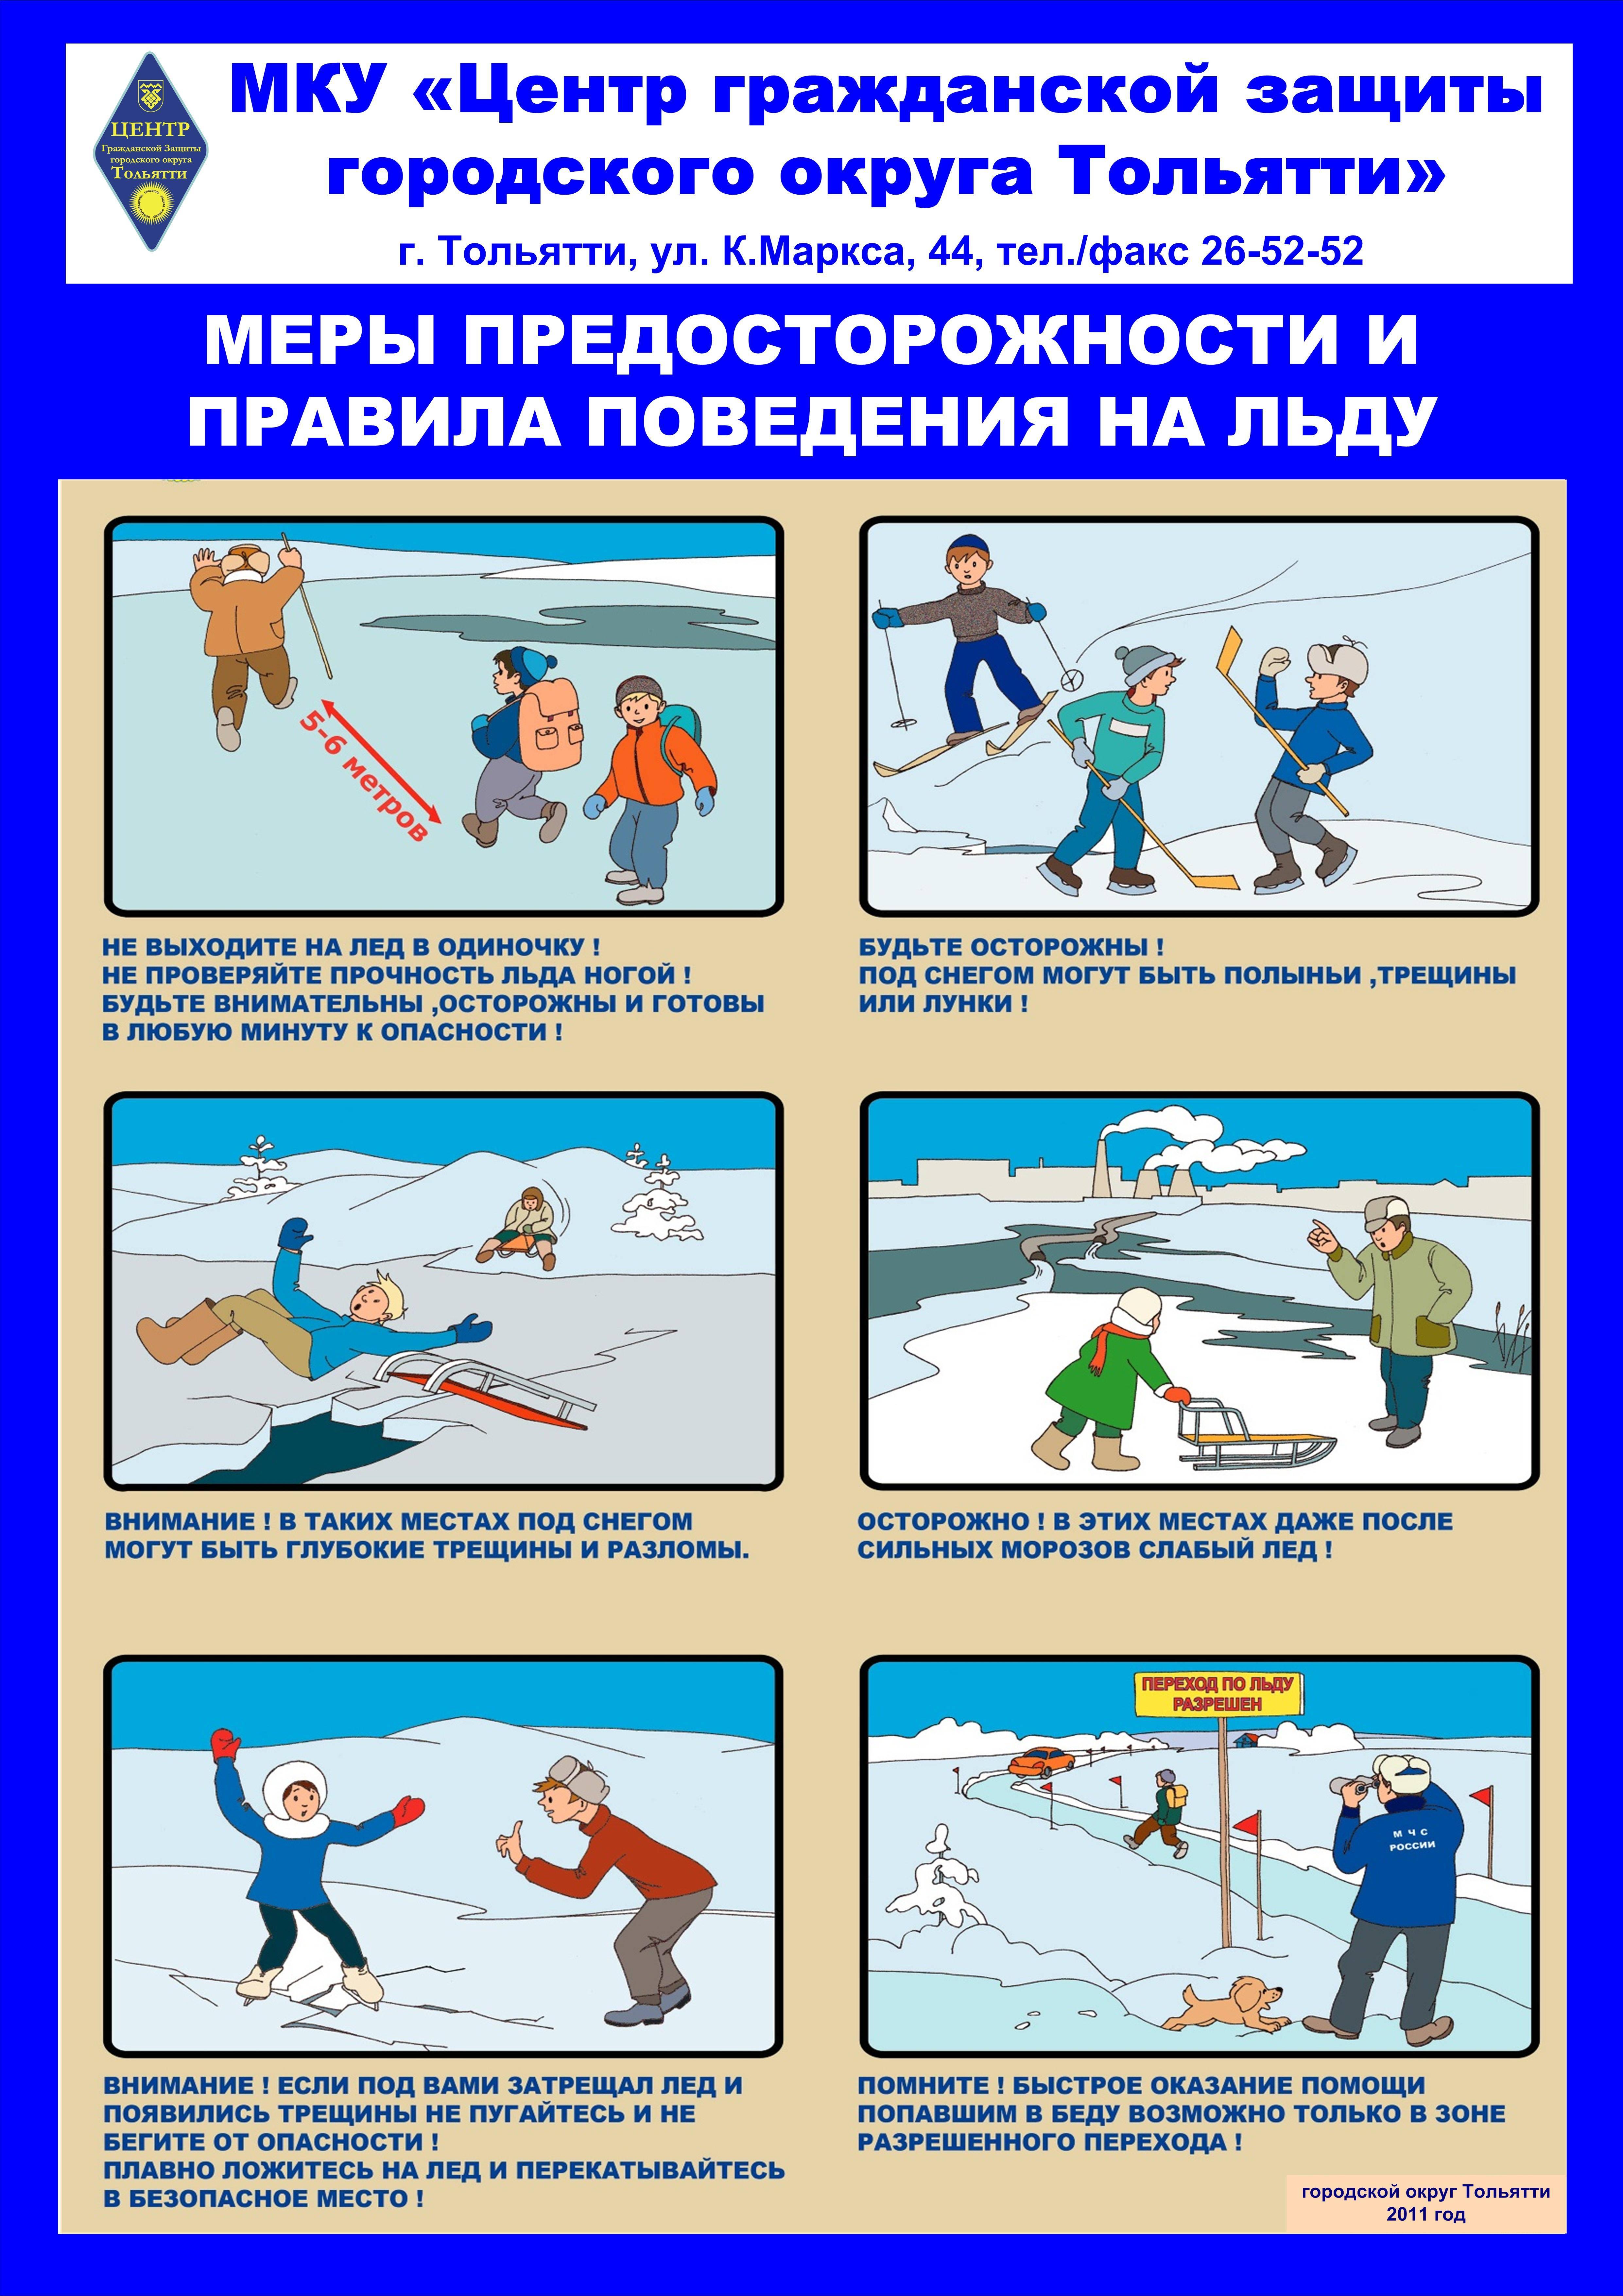 Подлёдный улов. как обезопасить себя на зимней рыбалке?